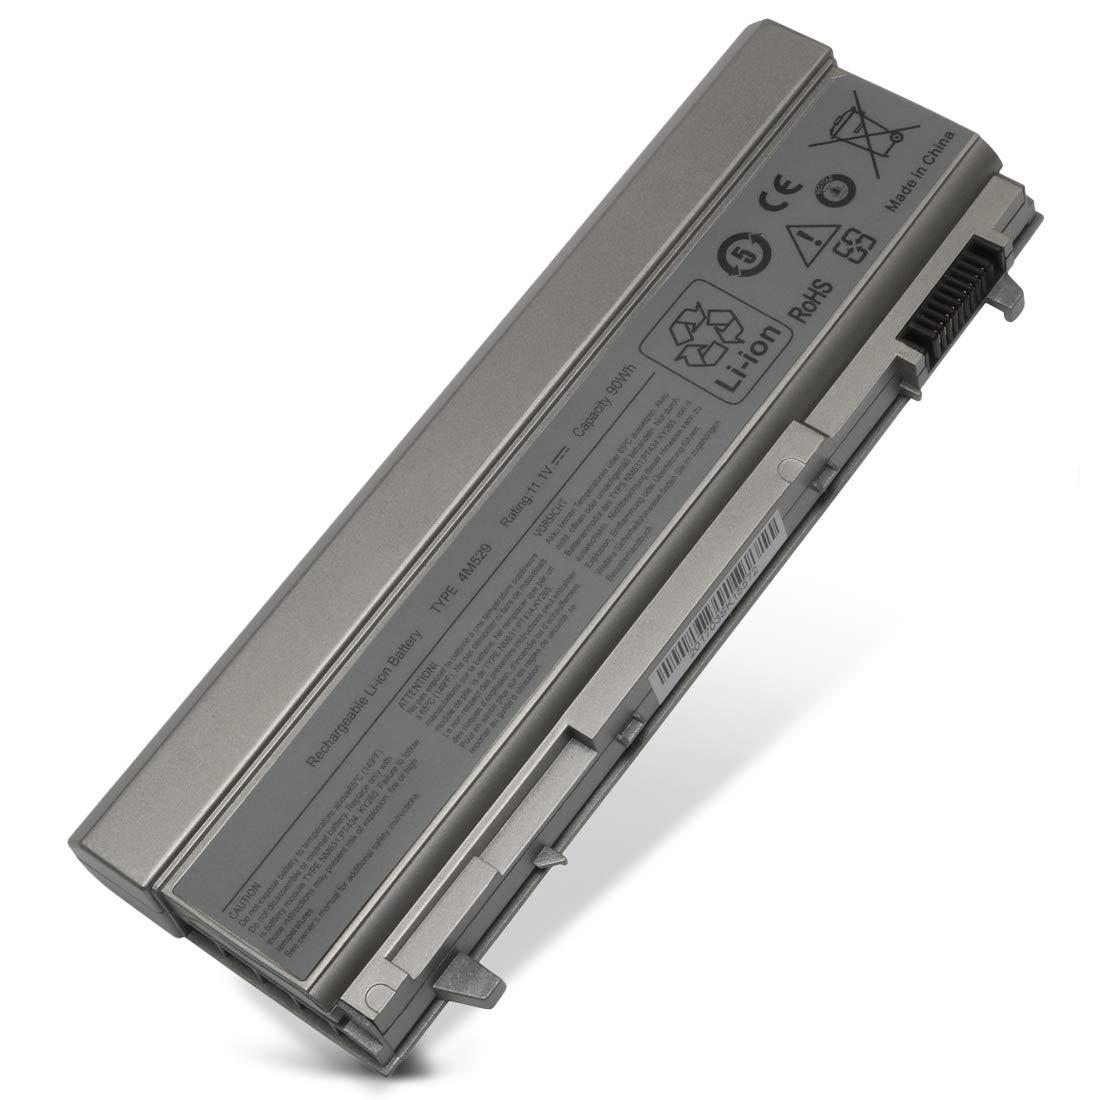 Bateria E6400 Dell Latitude E6410 E6510 E6500 Precision M240